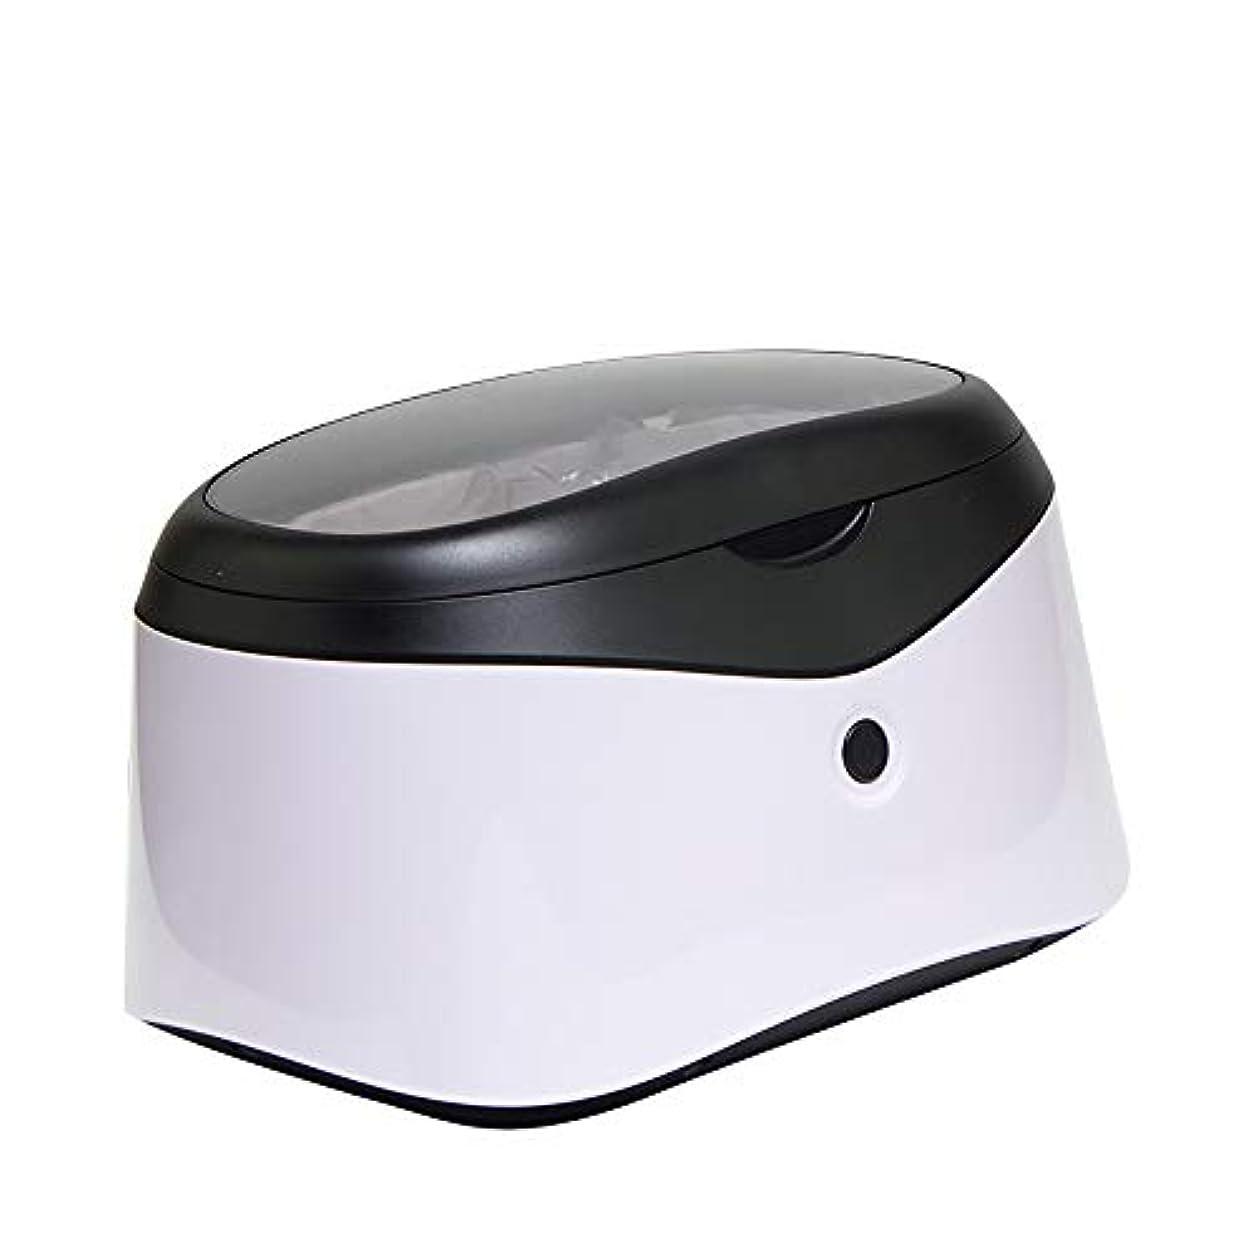 繊維代表団グラディス消毒機、超音波洗浄機2.5Lミニ超音波洗浄宝ネイルマシンの消毒洗浄アーティファクトを清掃